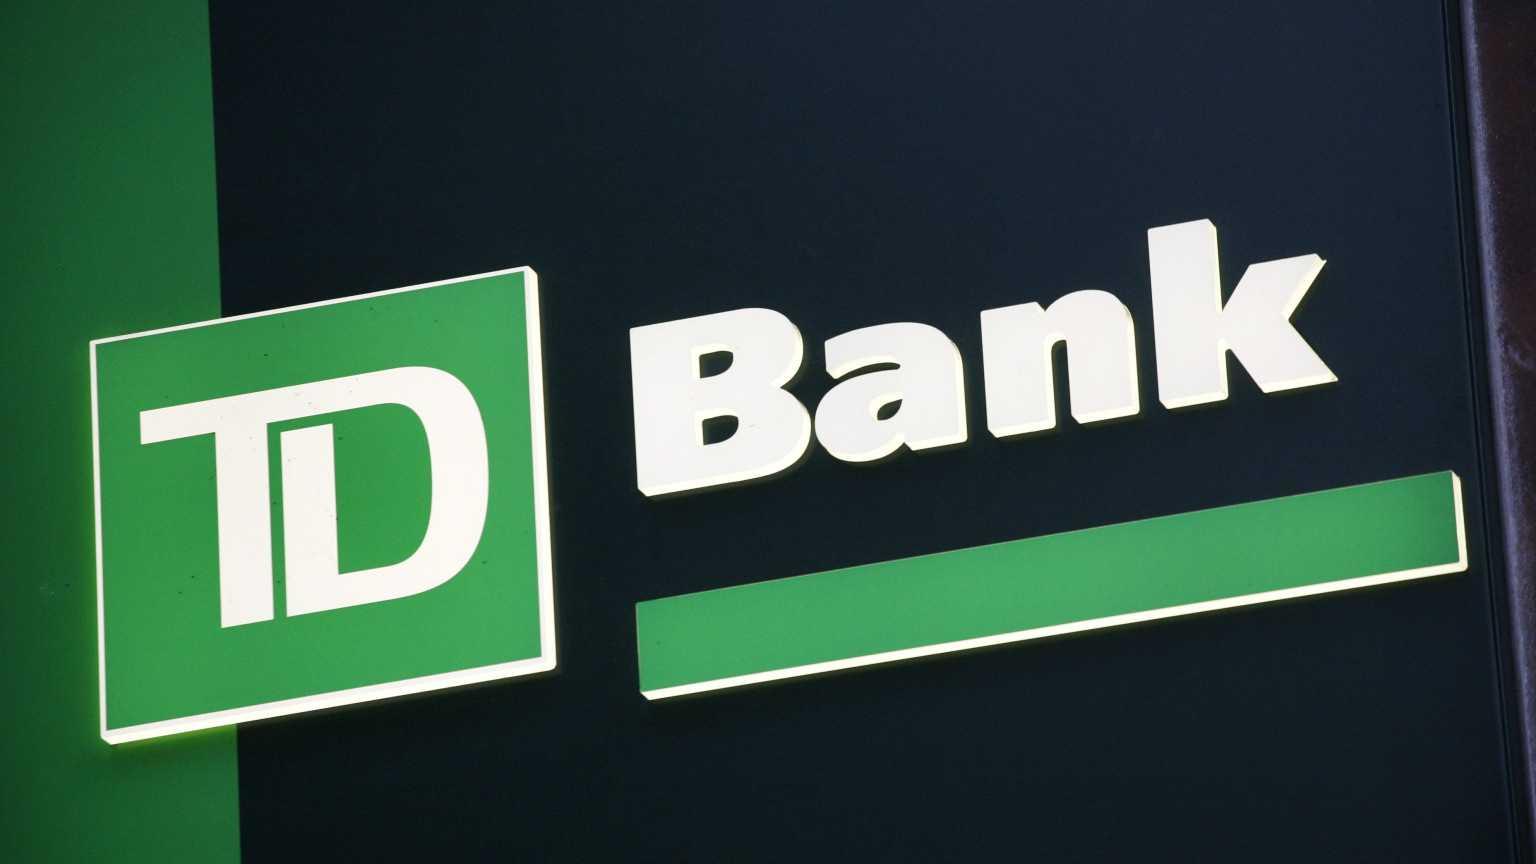 o-TD-BANK-HACKED-facebook.jpg